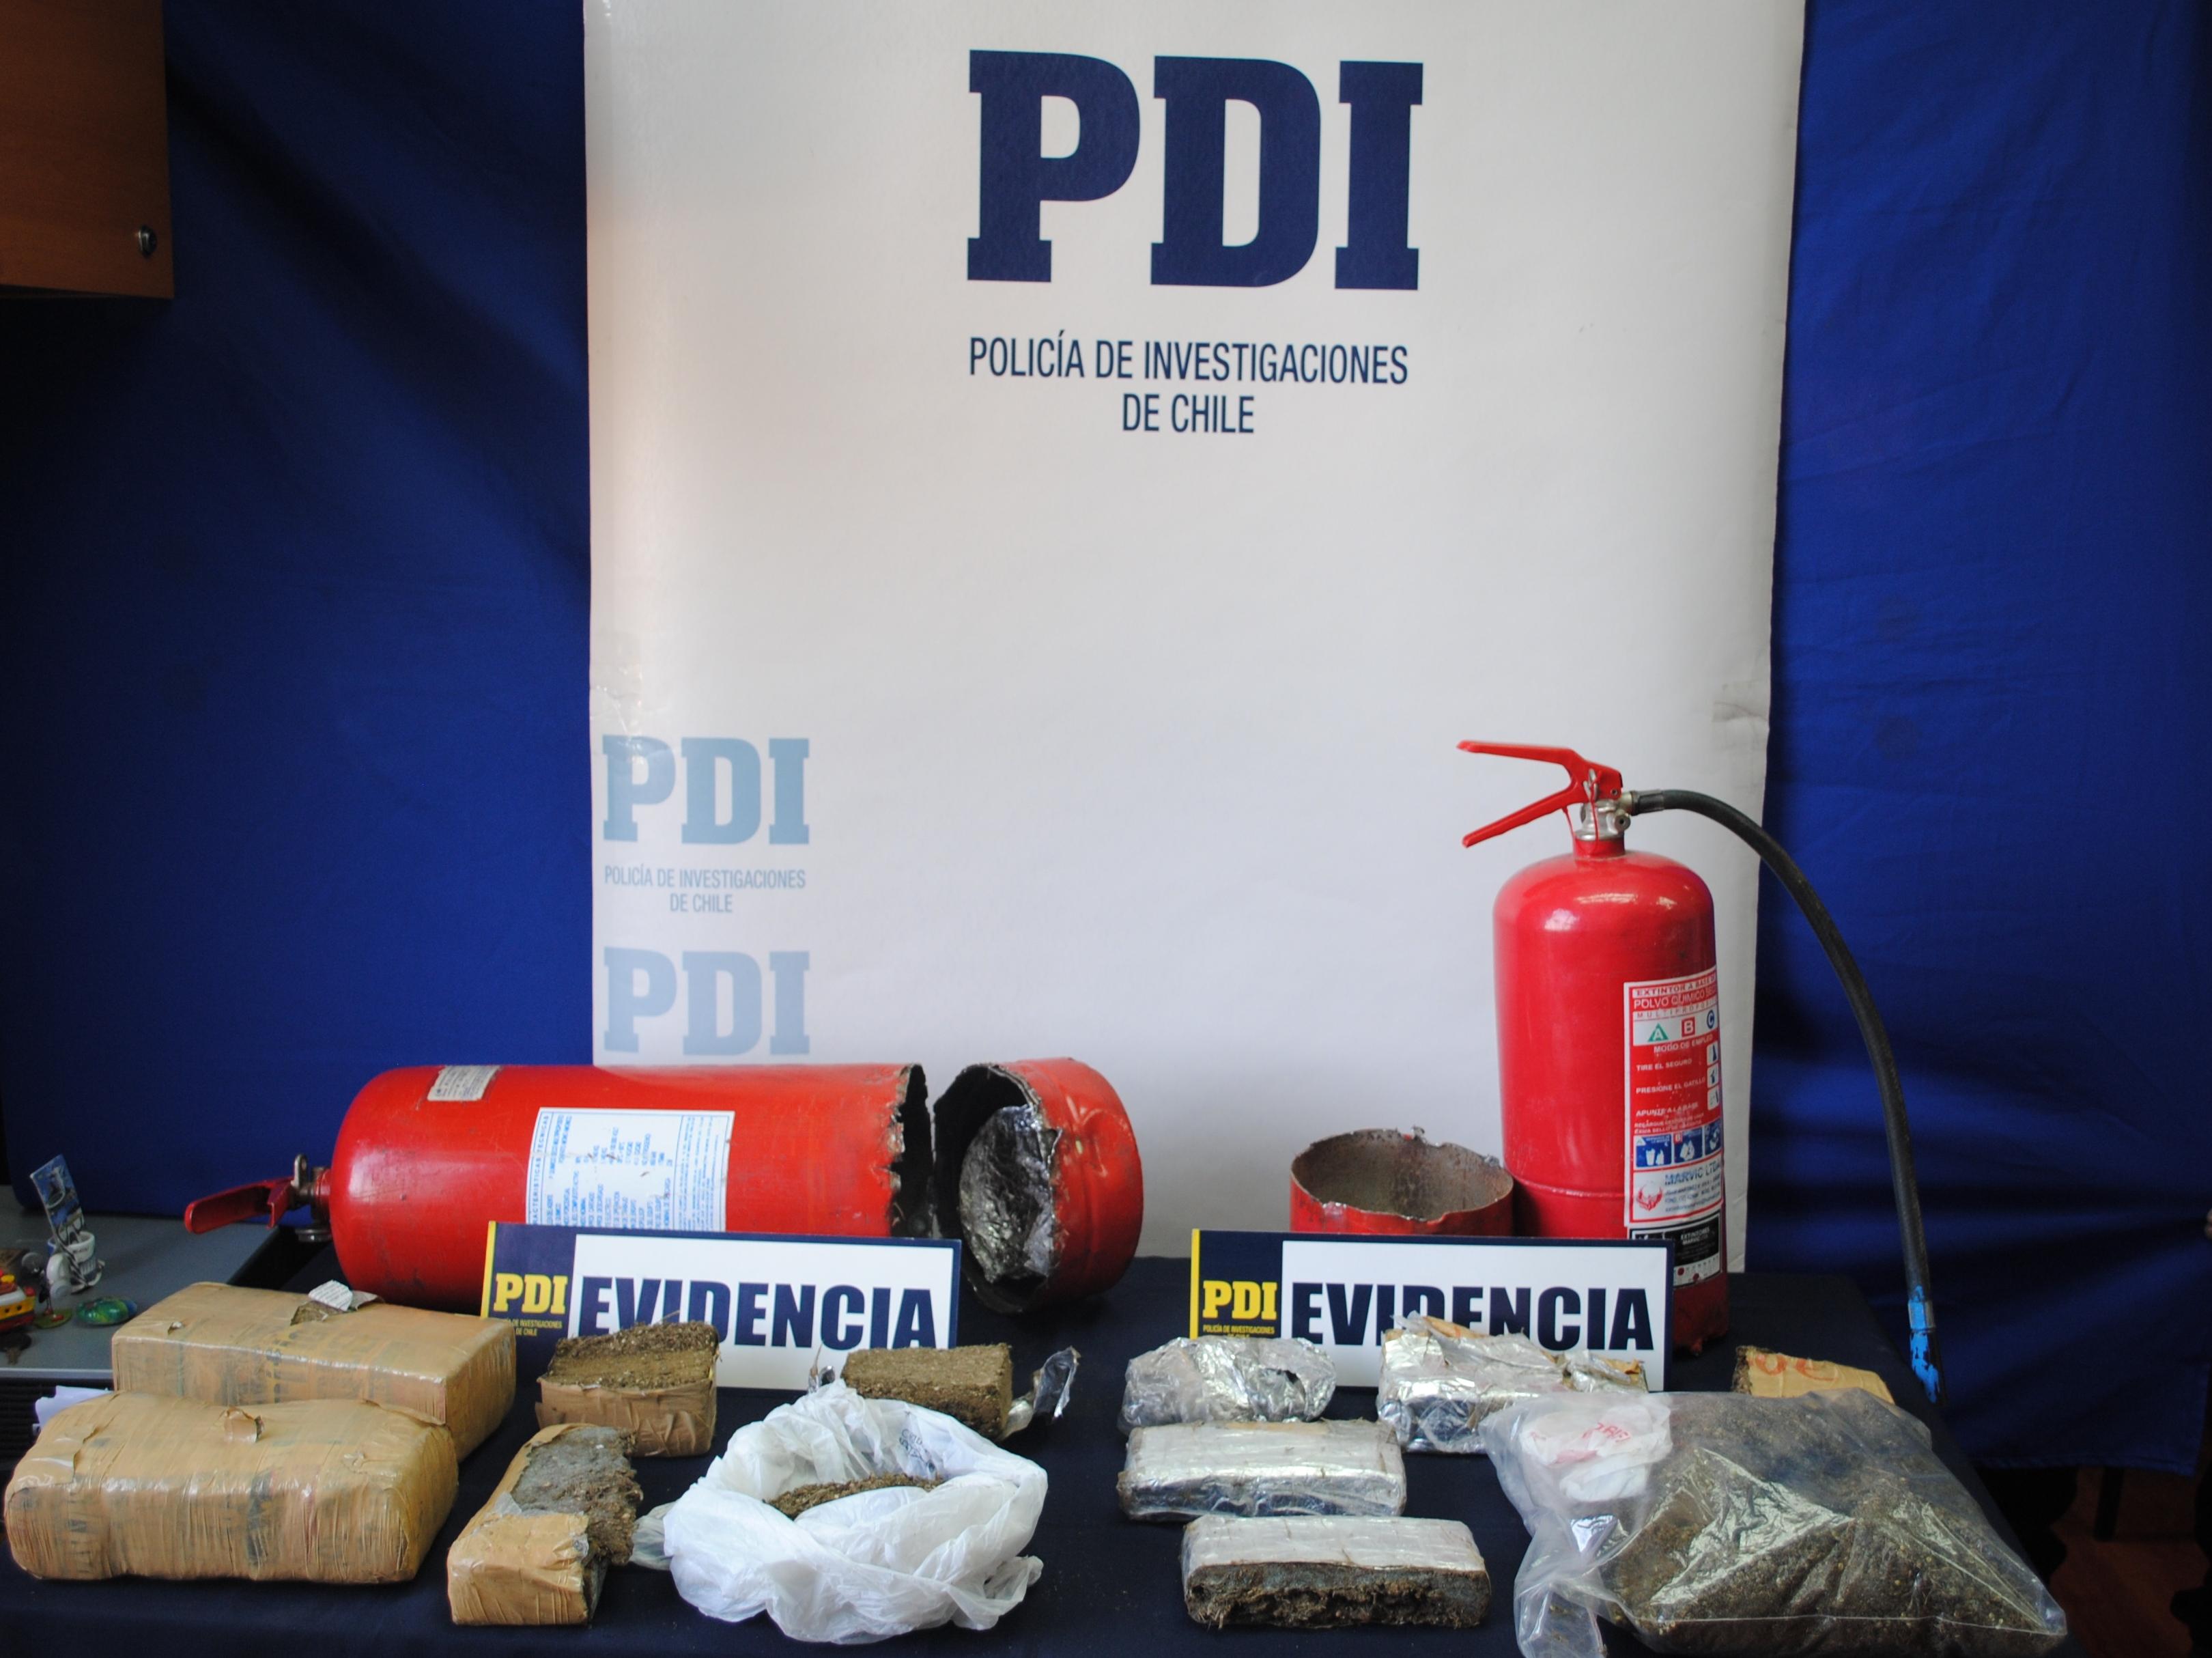 PDI encontró más de 5 mil dosis de marihuana  ocultas al interior de dos extintores de incendio